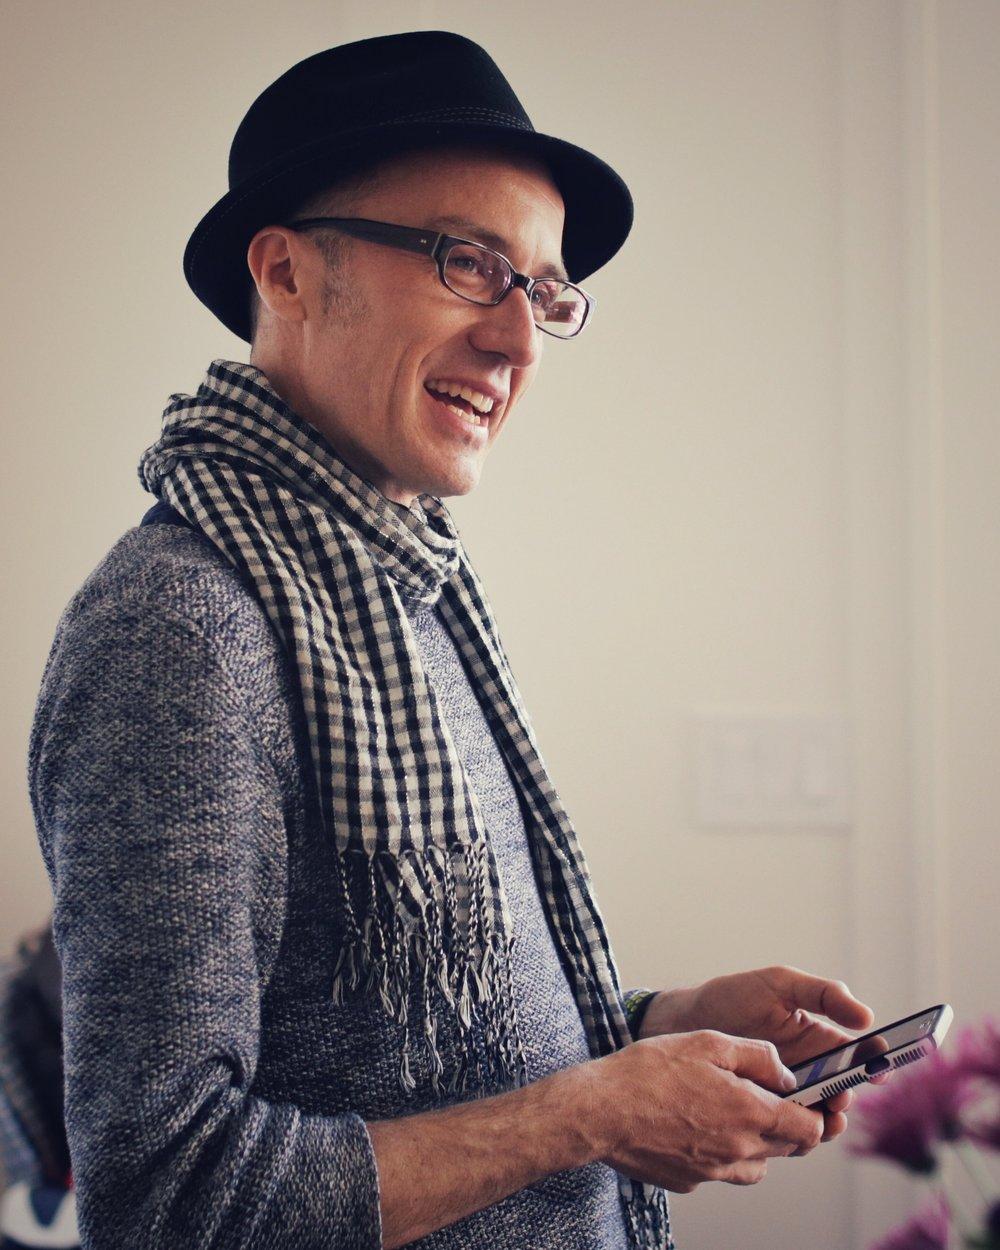 OLIVIER BONIN | DIRECTOR